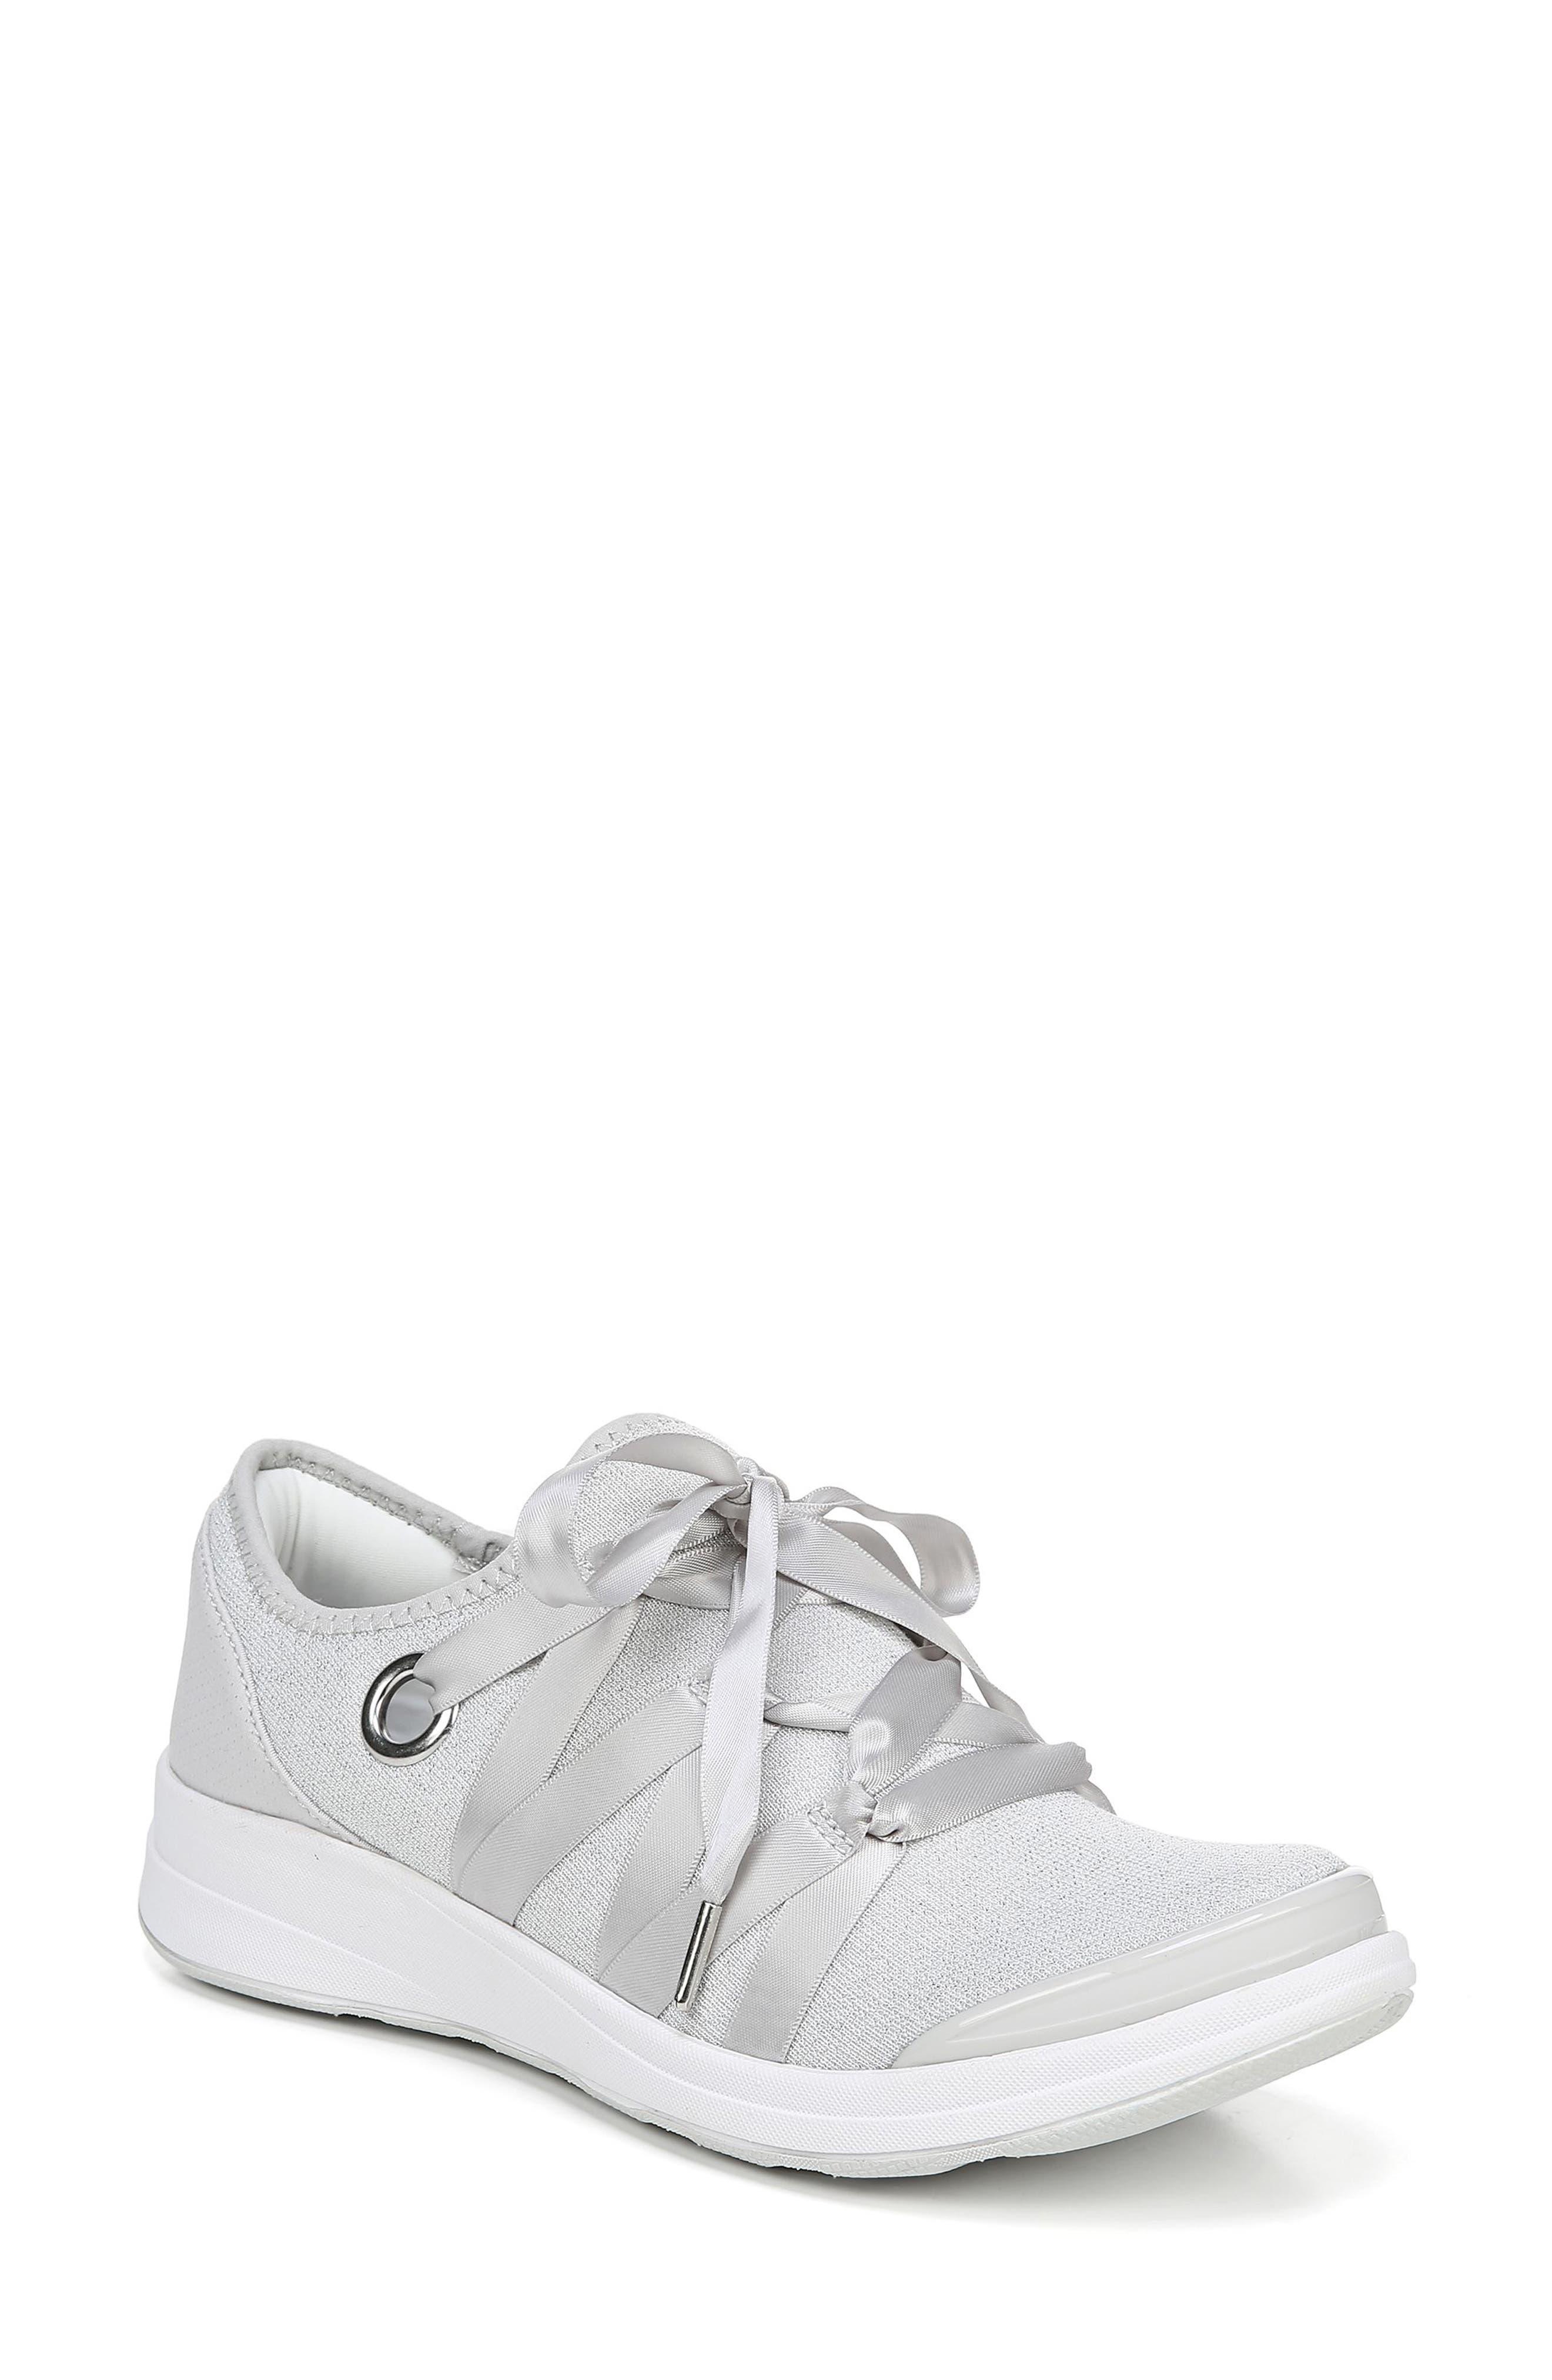 Bzees Inspire Sneaker, Grey